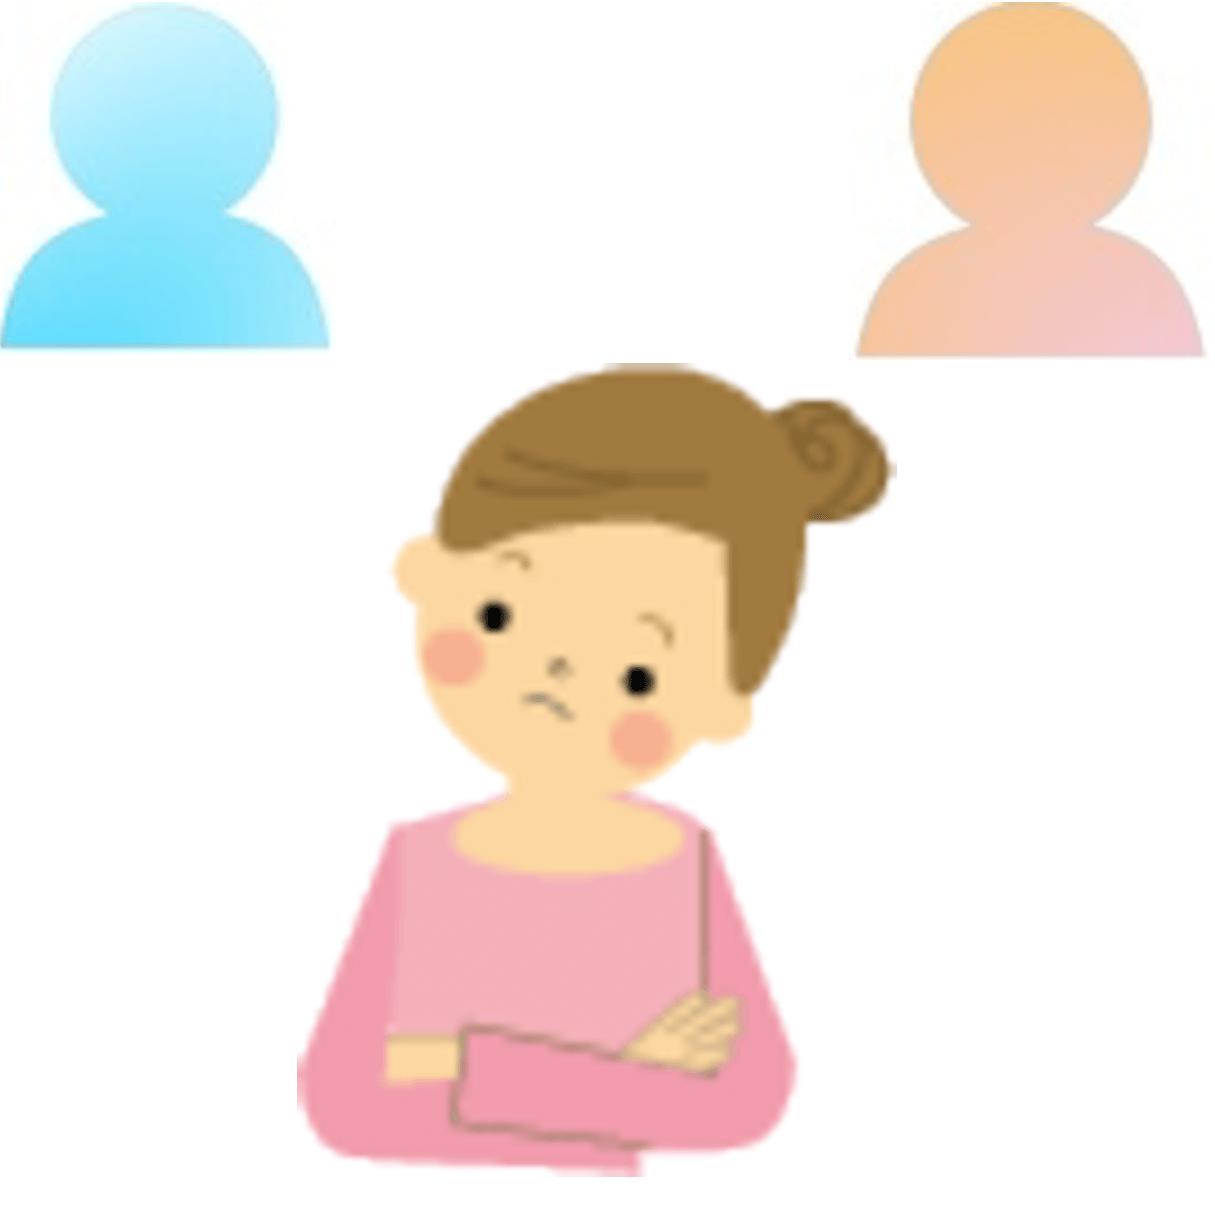 インナーチャイルドが原因で人目が気になっている女性のイラスト